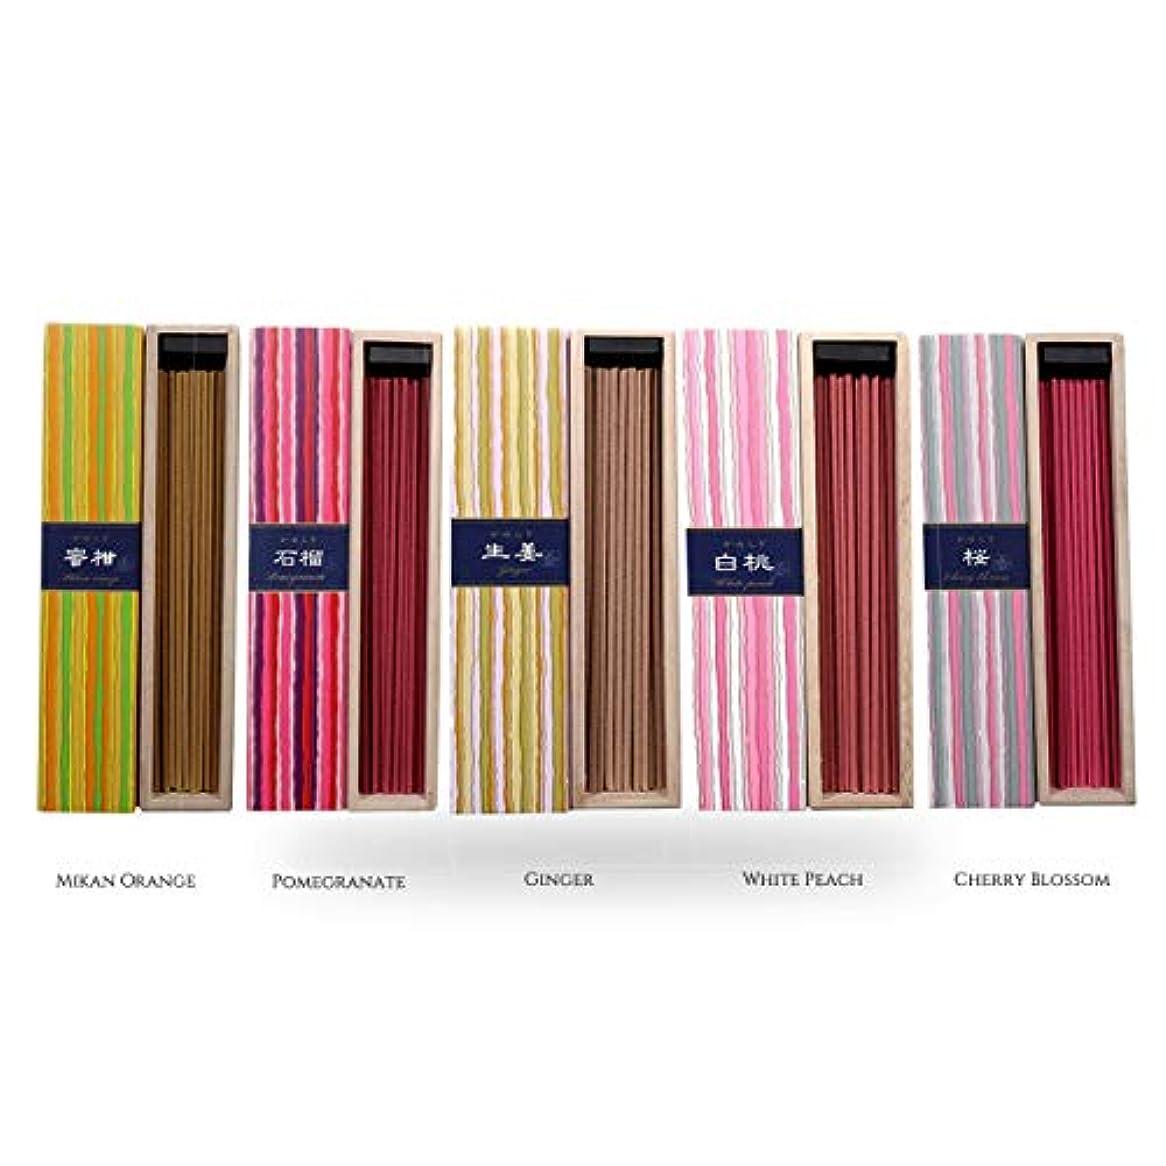 接辞コモランマ鹿iTakara 日本香コレクション | 日本の庭 40x5 | リラックス、瞑想、祈り、読書、ヨガ用フローラルとアロマの木の香り | クリーン燃焼、ピュアな香り